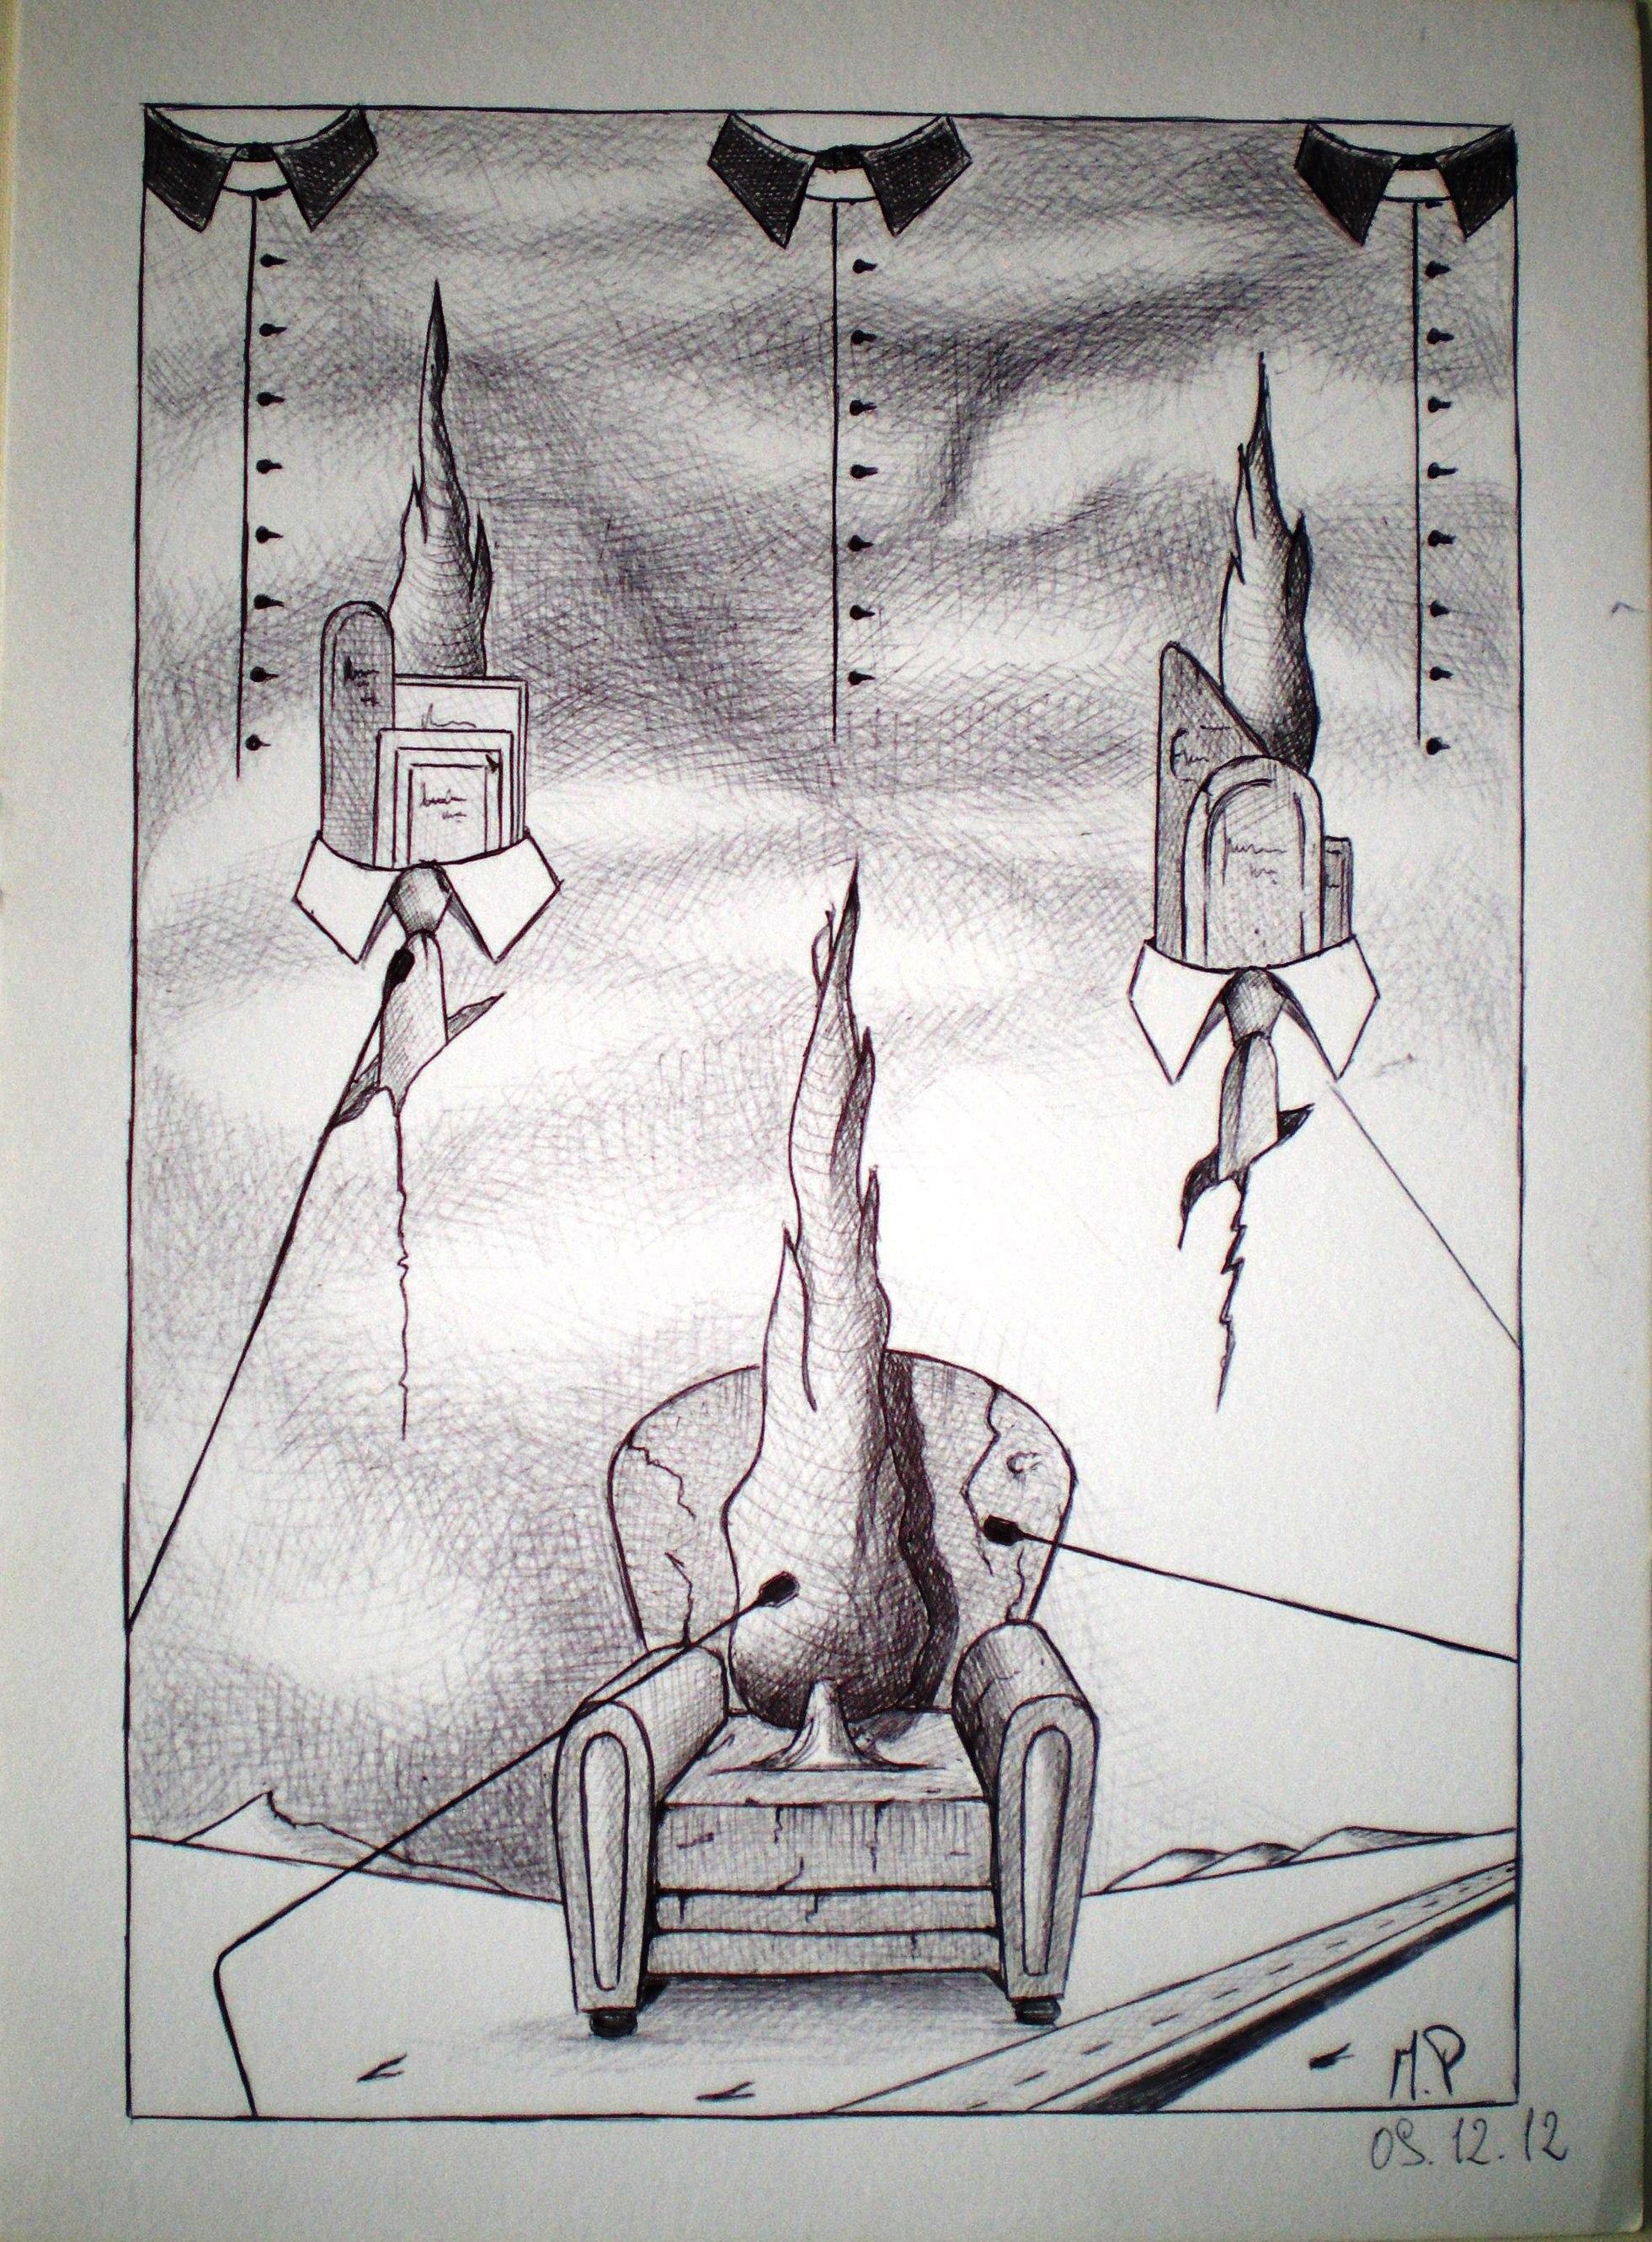 Il contraddittorio che manca, The contradictory missing, 2012 disegno a penna su carta ruvida, pen drawing on rough paper, Pasquale Mastrogiacomo, Acerno(SA).